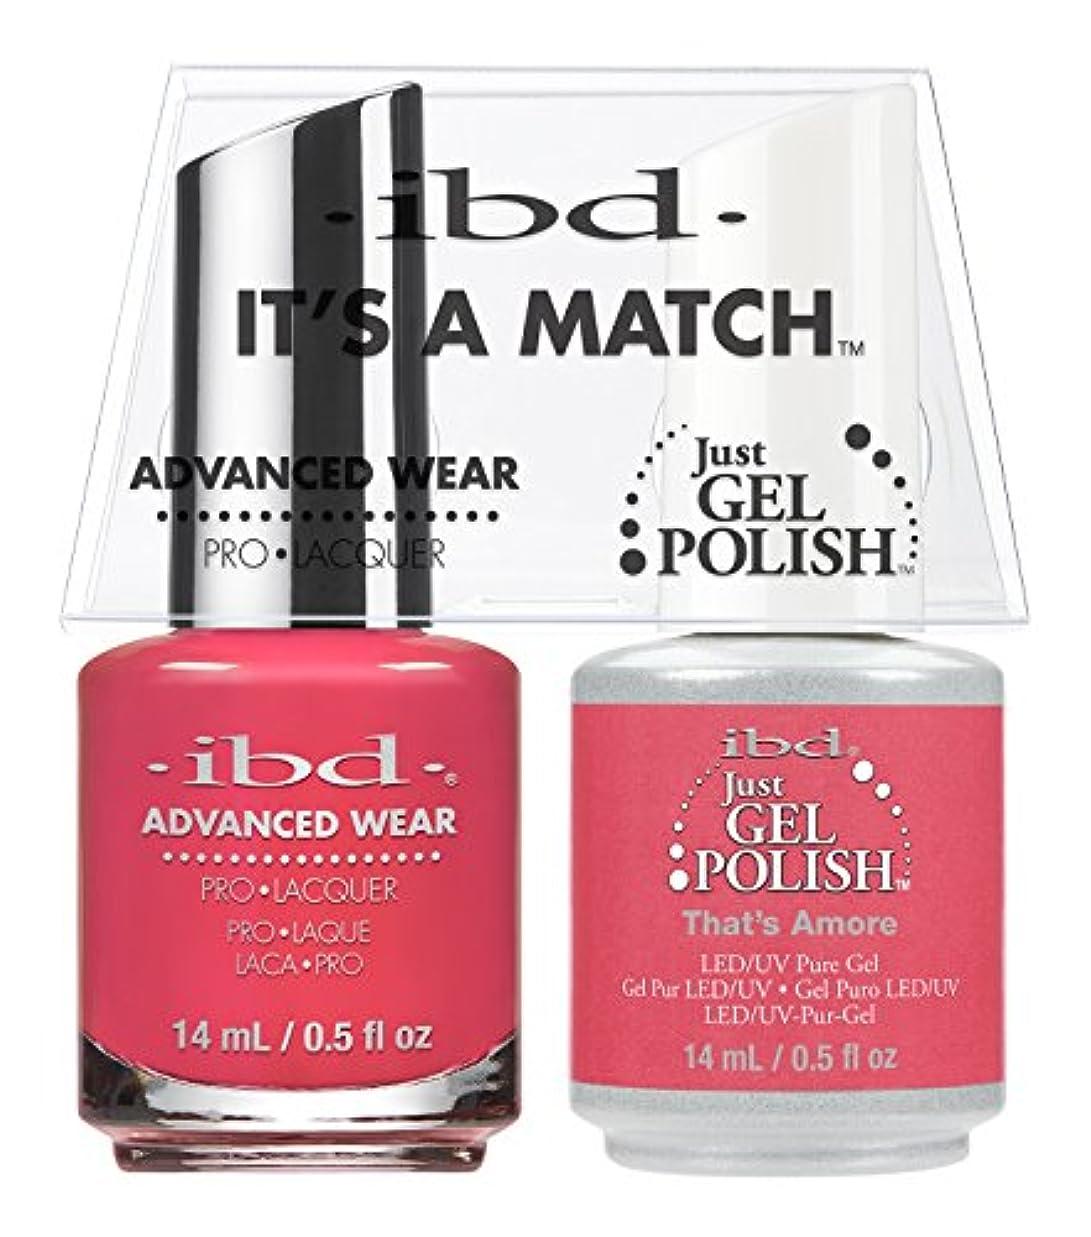 薄いですおもてなし品ibd - It's A Match -Duo Pack- That's Amore - 14 mL / 0.5 oz Each